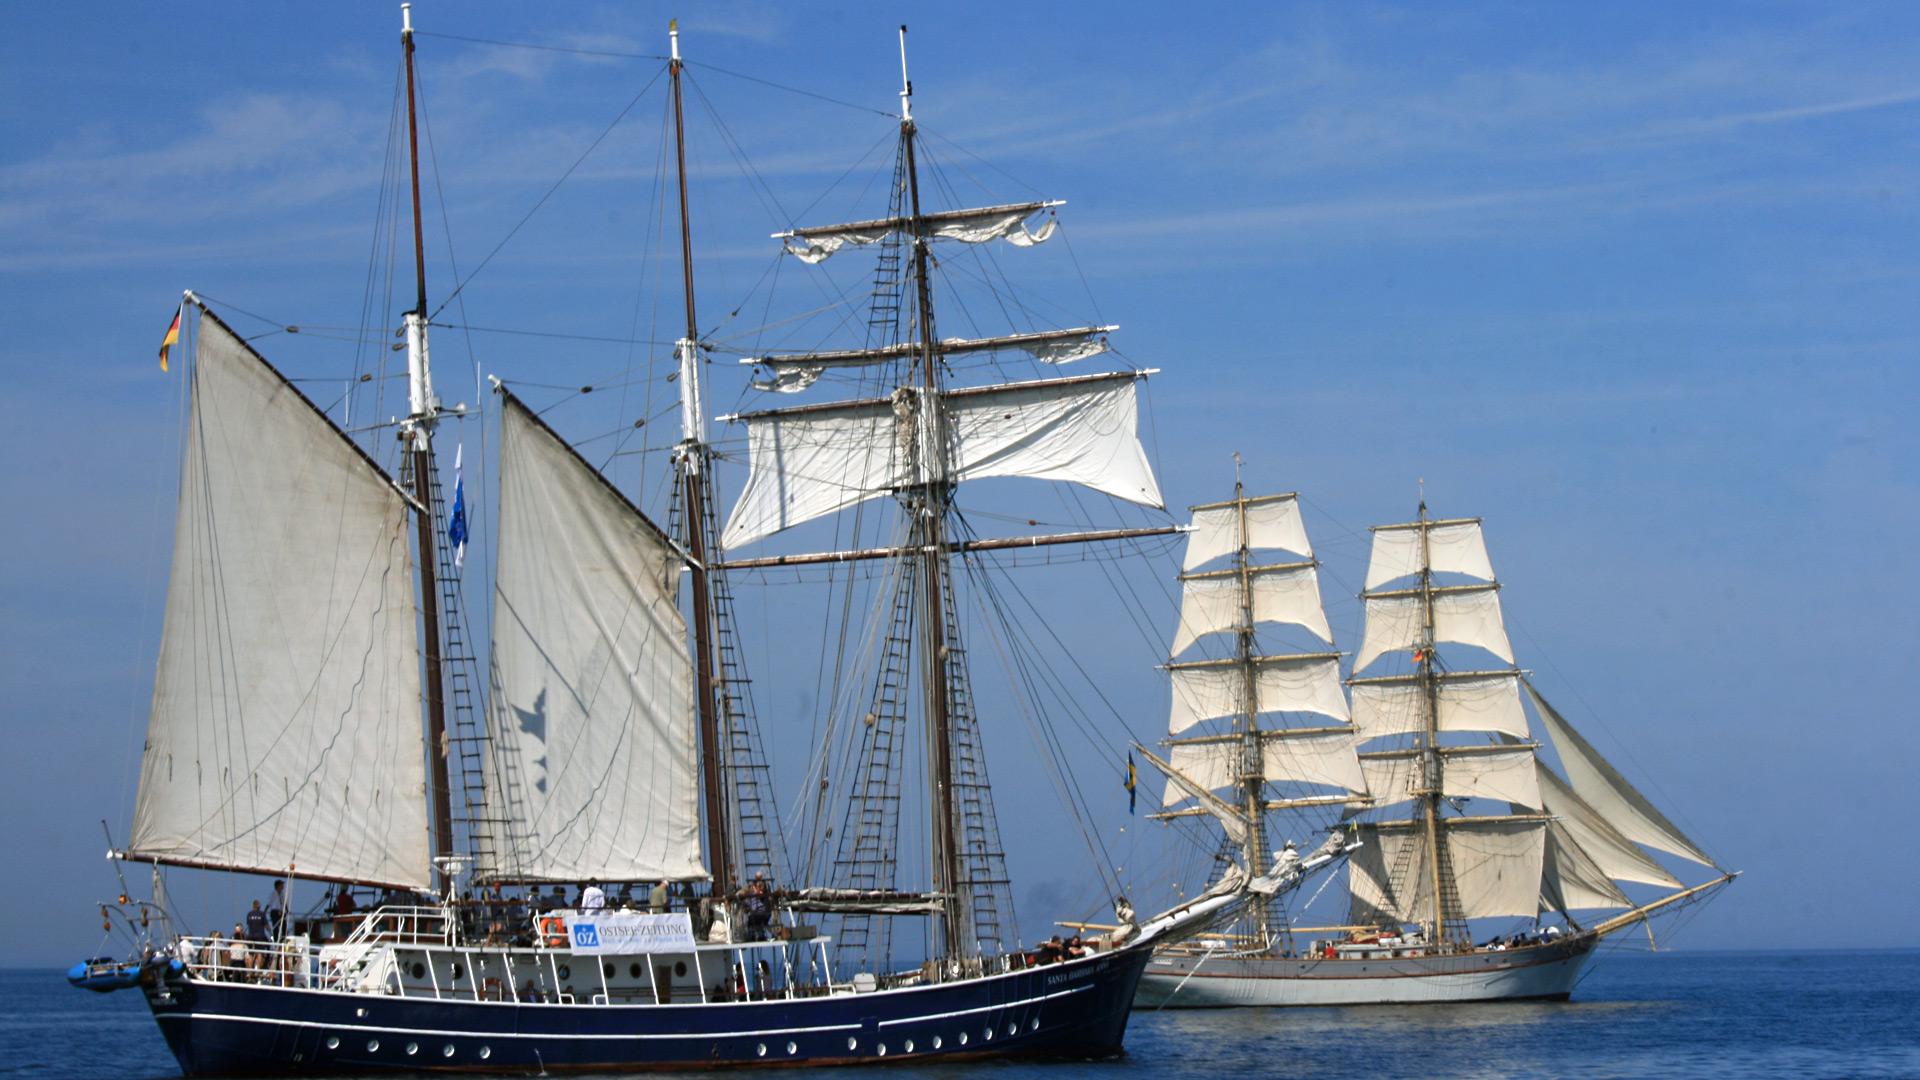 Ein Segelschiff mit blauem Rumpf und ein Segelschiff mit weißem Rumpf, jeweils unter Segeln.